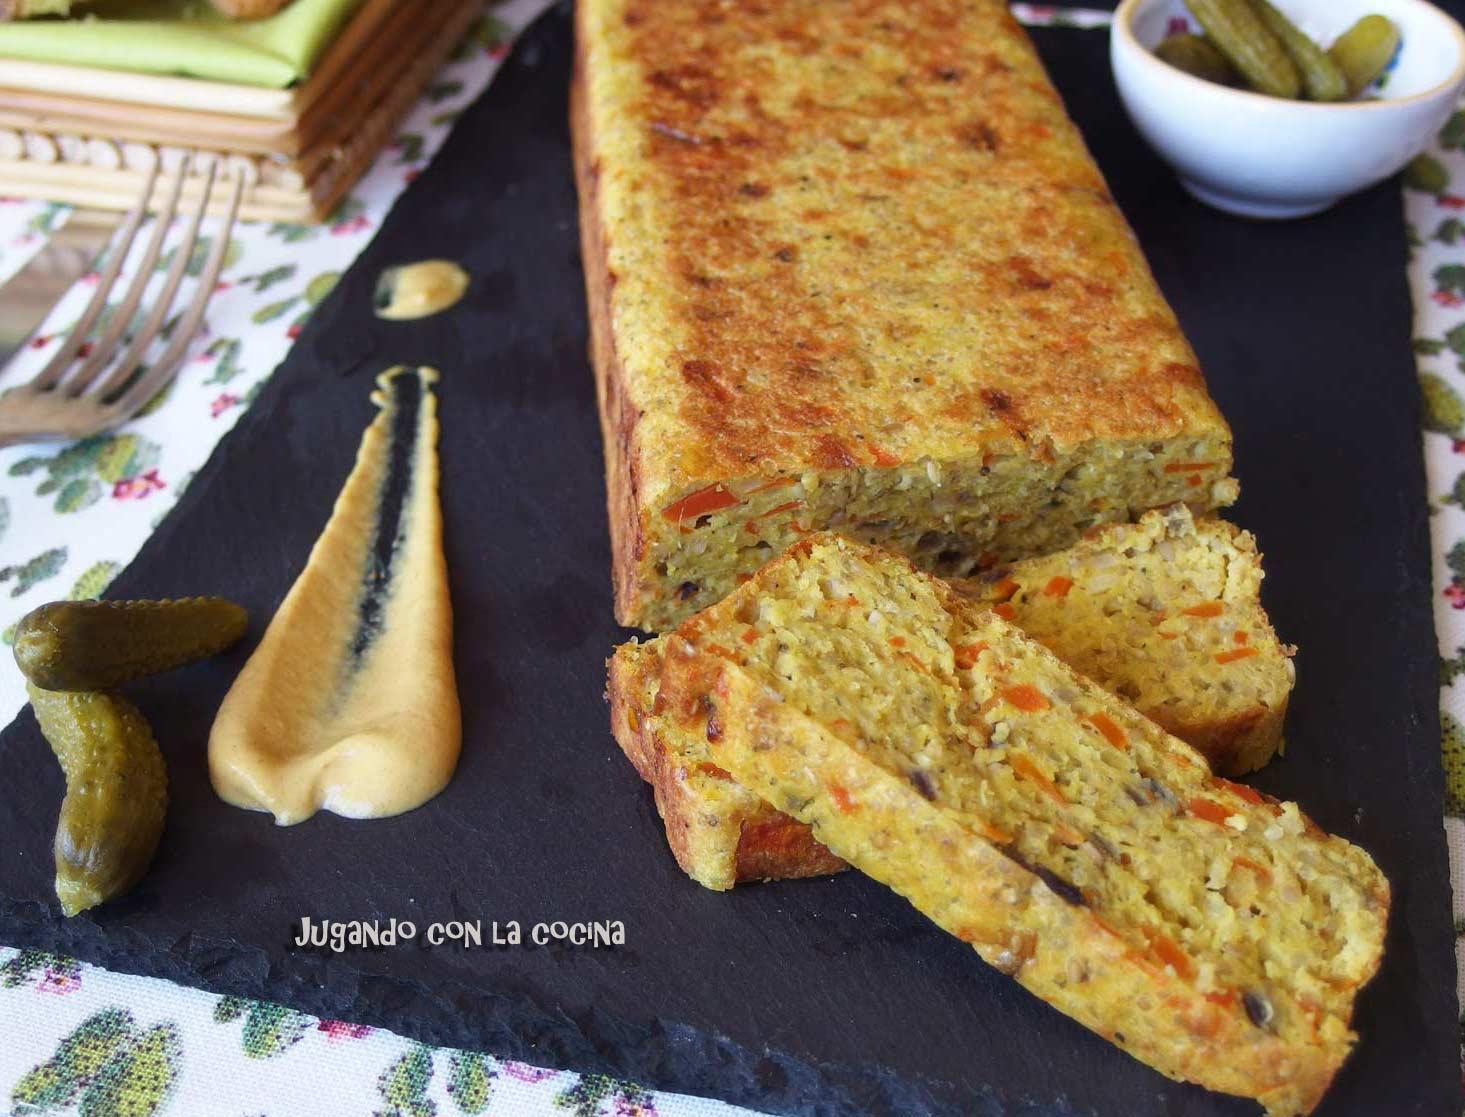 Jugando con la cocina pastel de quinoa y lentejas coral for Cocinar quinoa negra